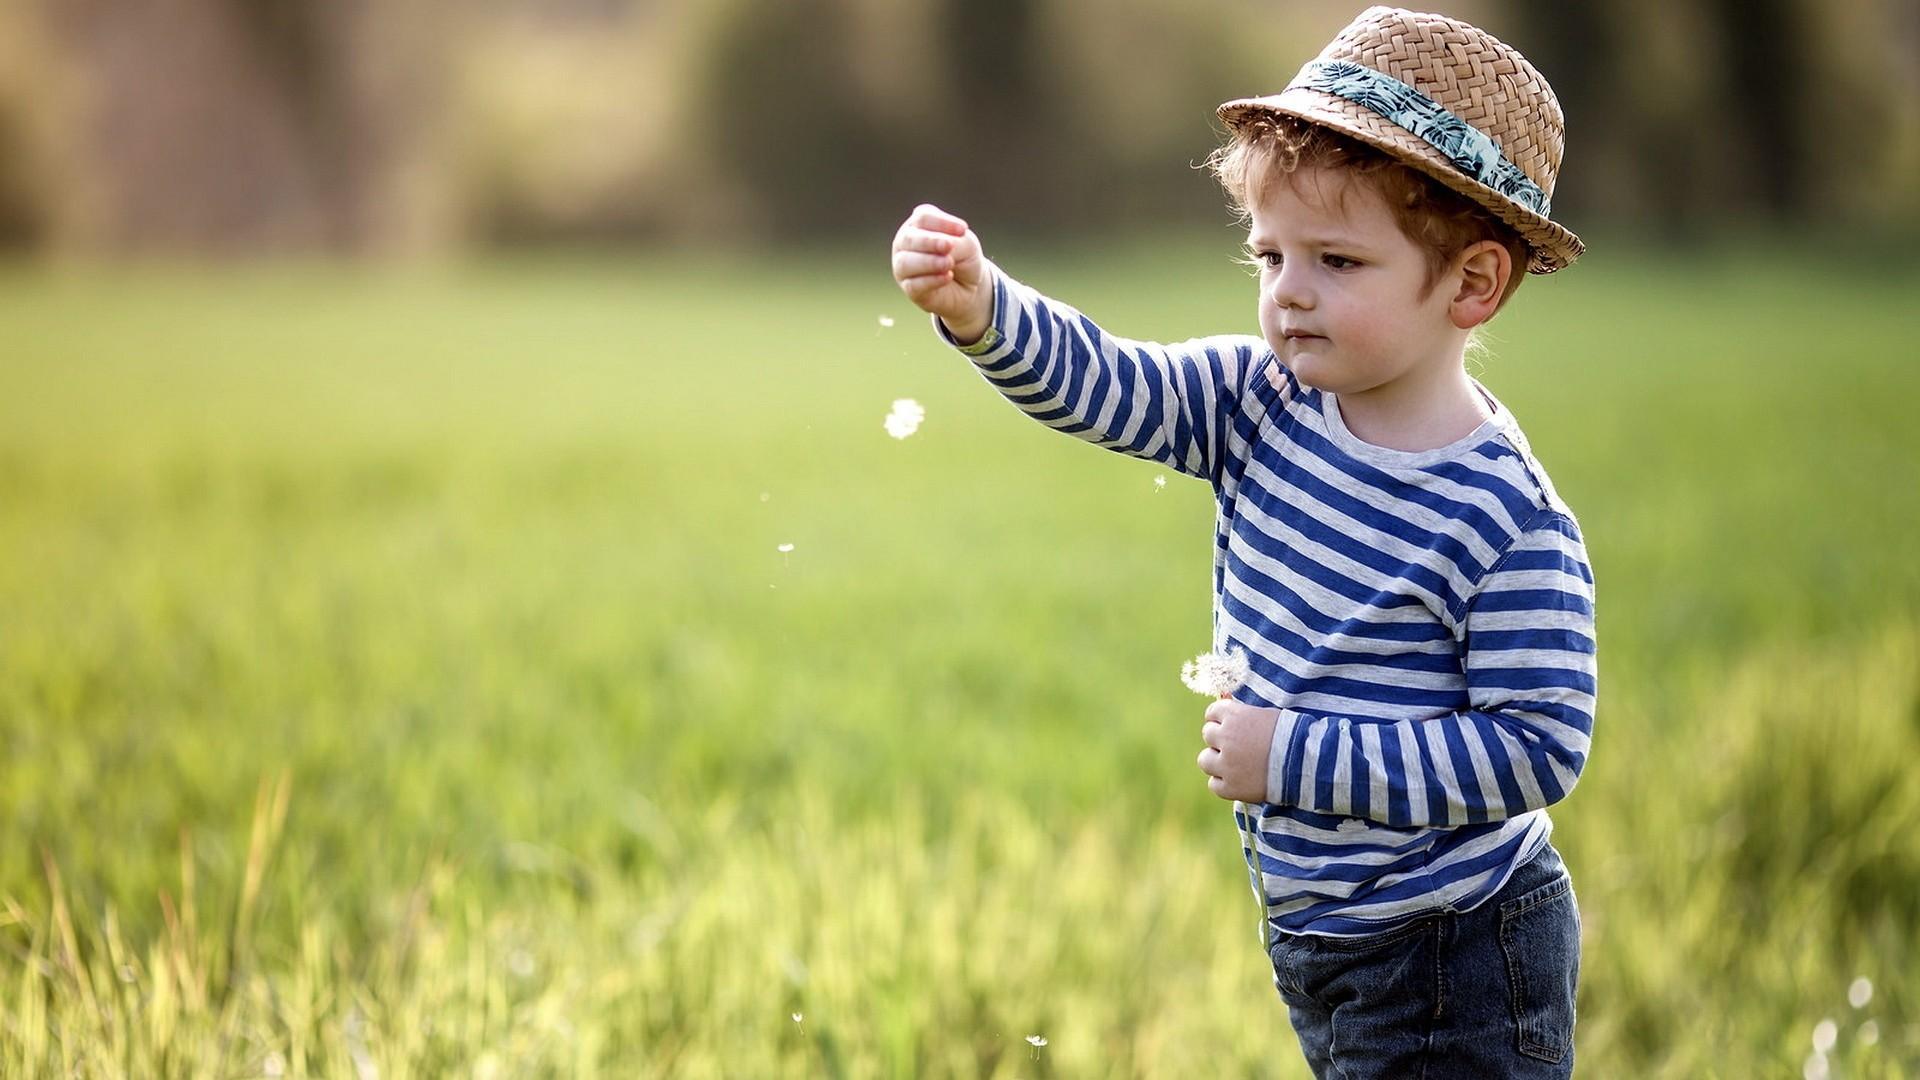 بالصور صور اطفال صغار , اجمل بيبز ممكن تشوفهم ياسروا القلوب والعيون 3144 1